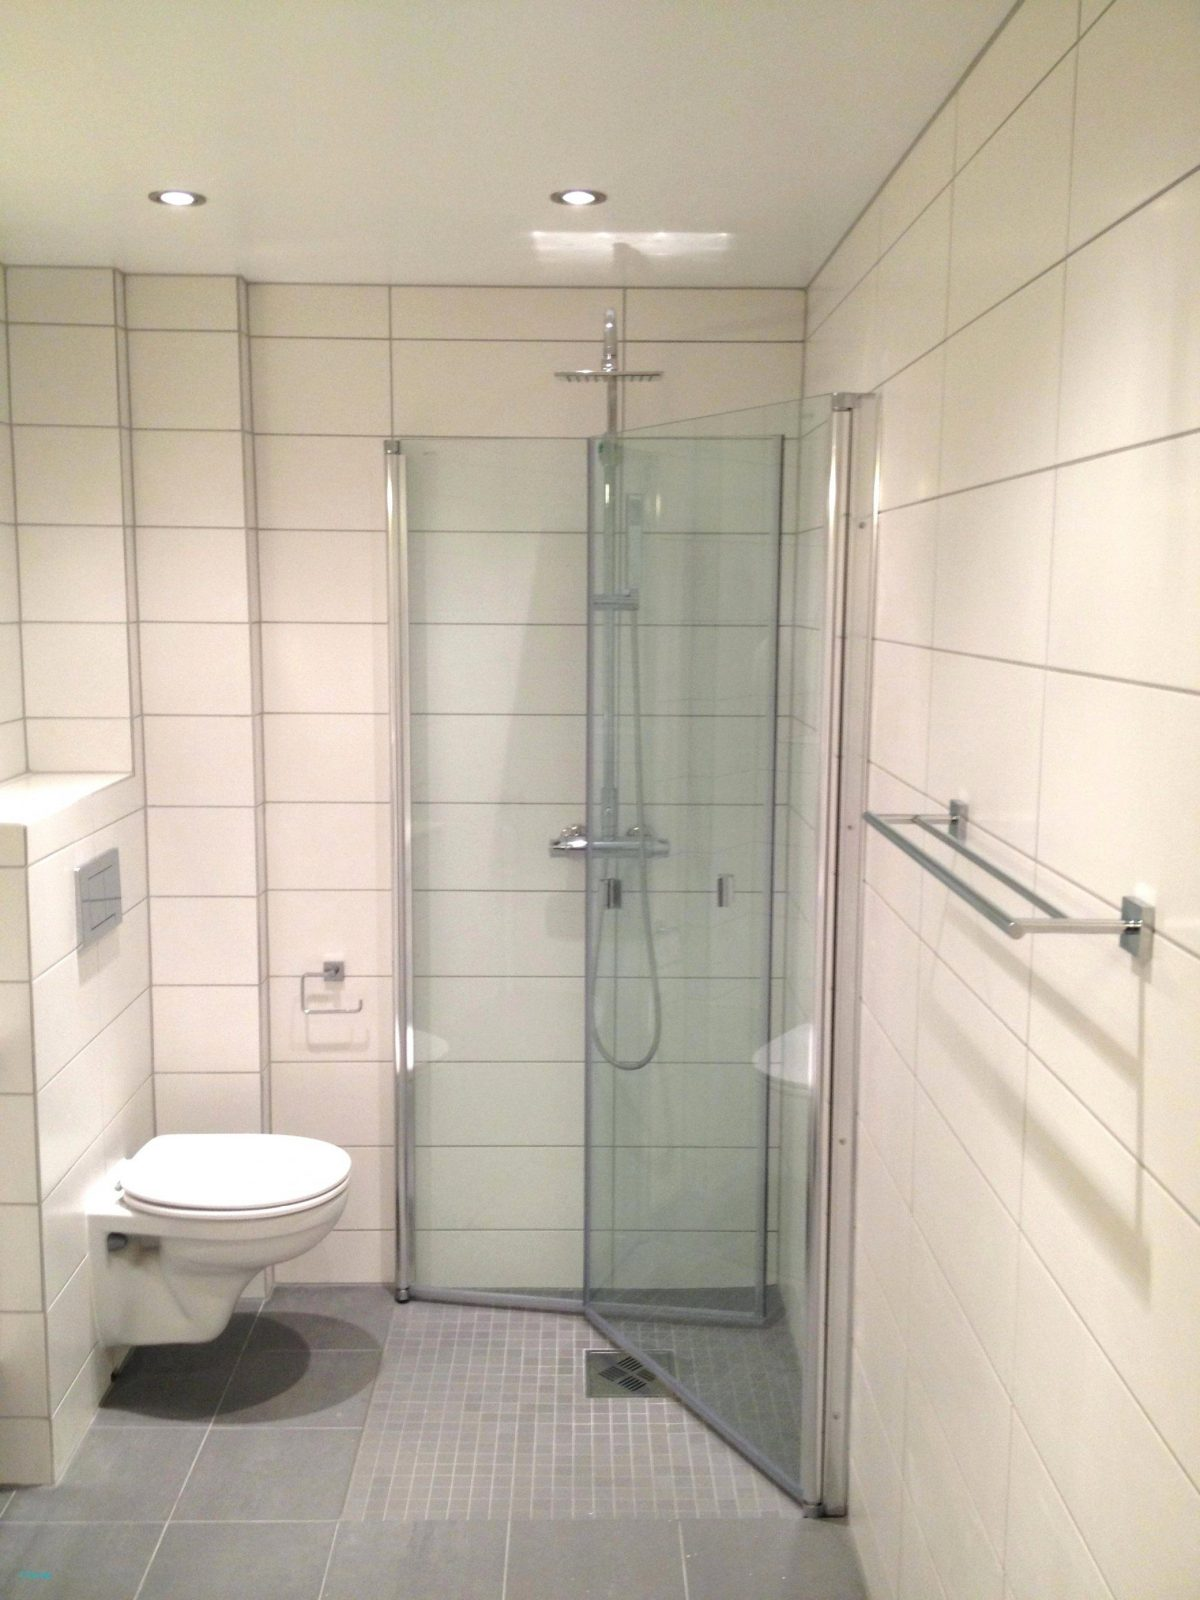 Neu Dusche Renovieren  Badezimmer Innenausstattung 2018 von Bad Selber Renovieren Kosten Bild